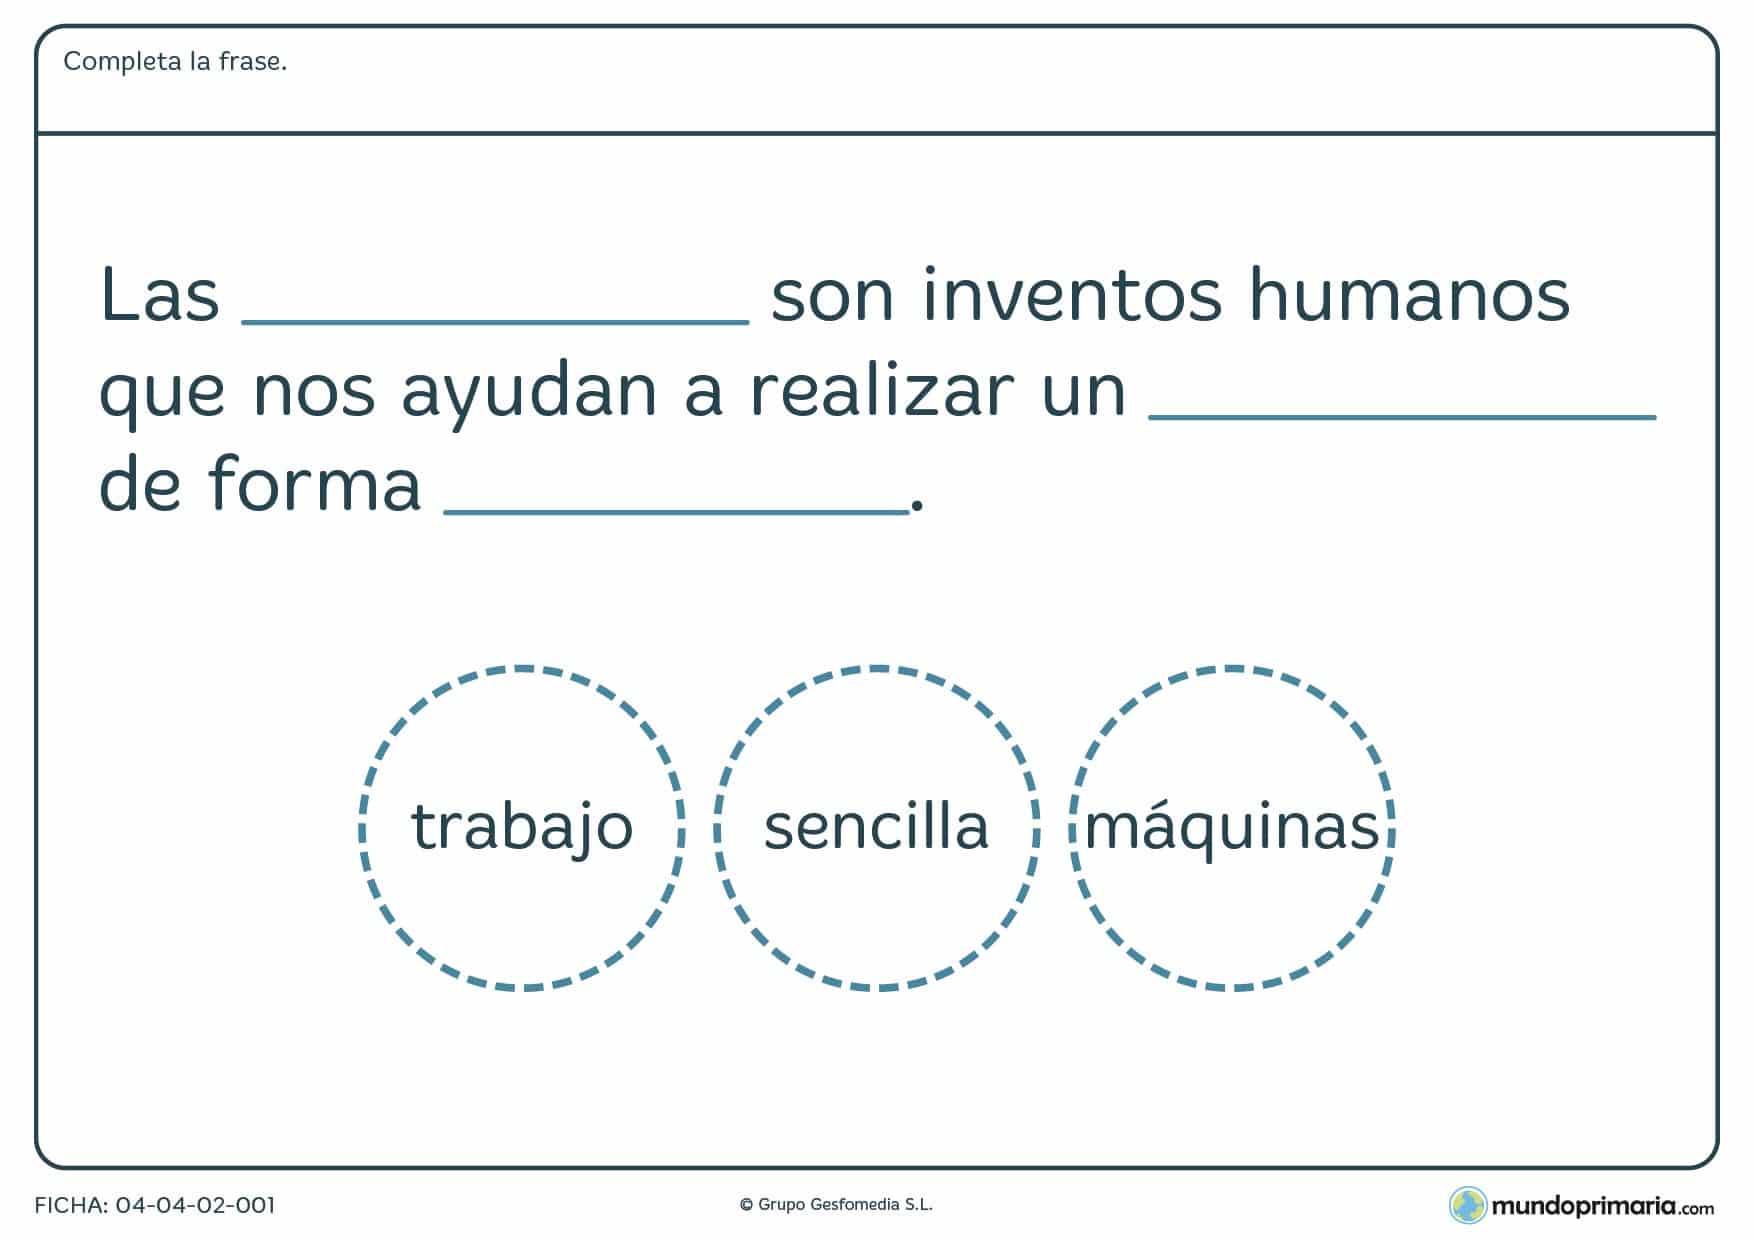 Ficha de máquinas en la que has de completar una frase sobre este tema.